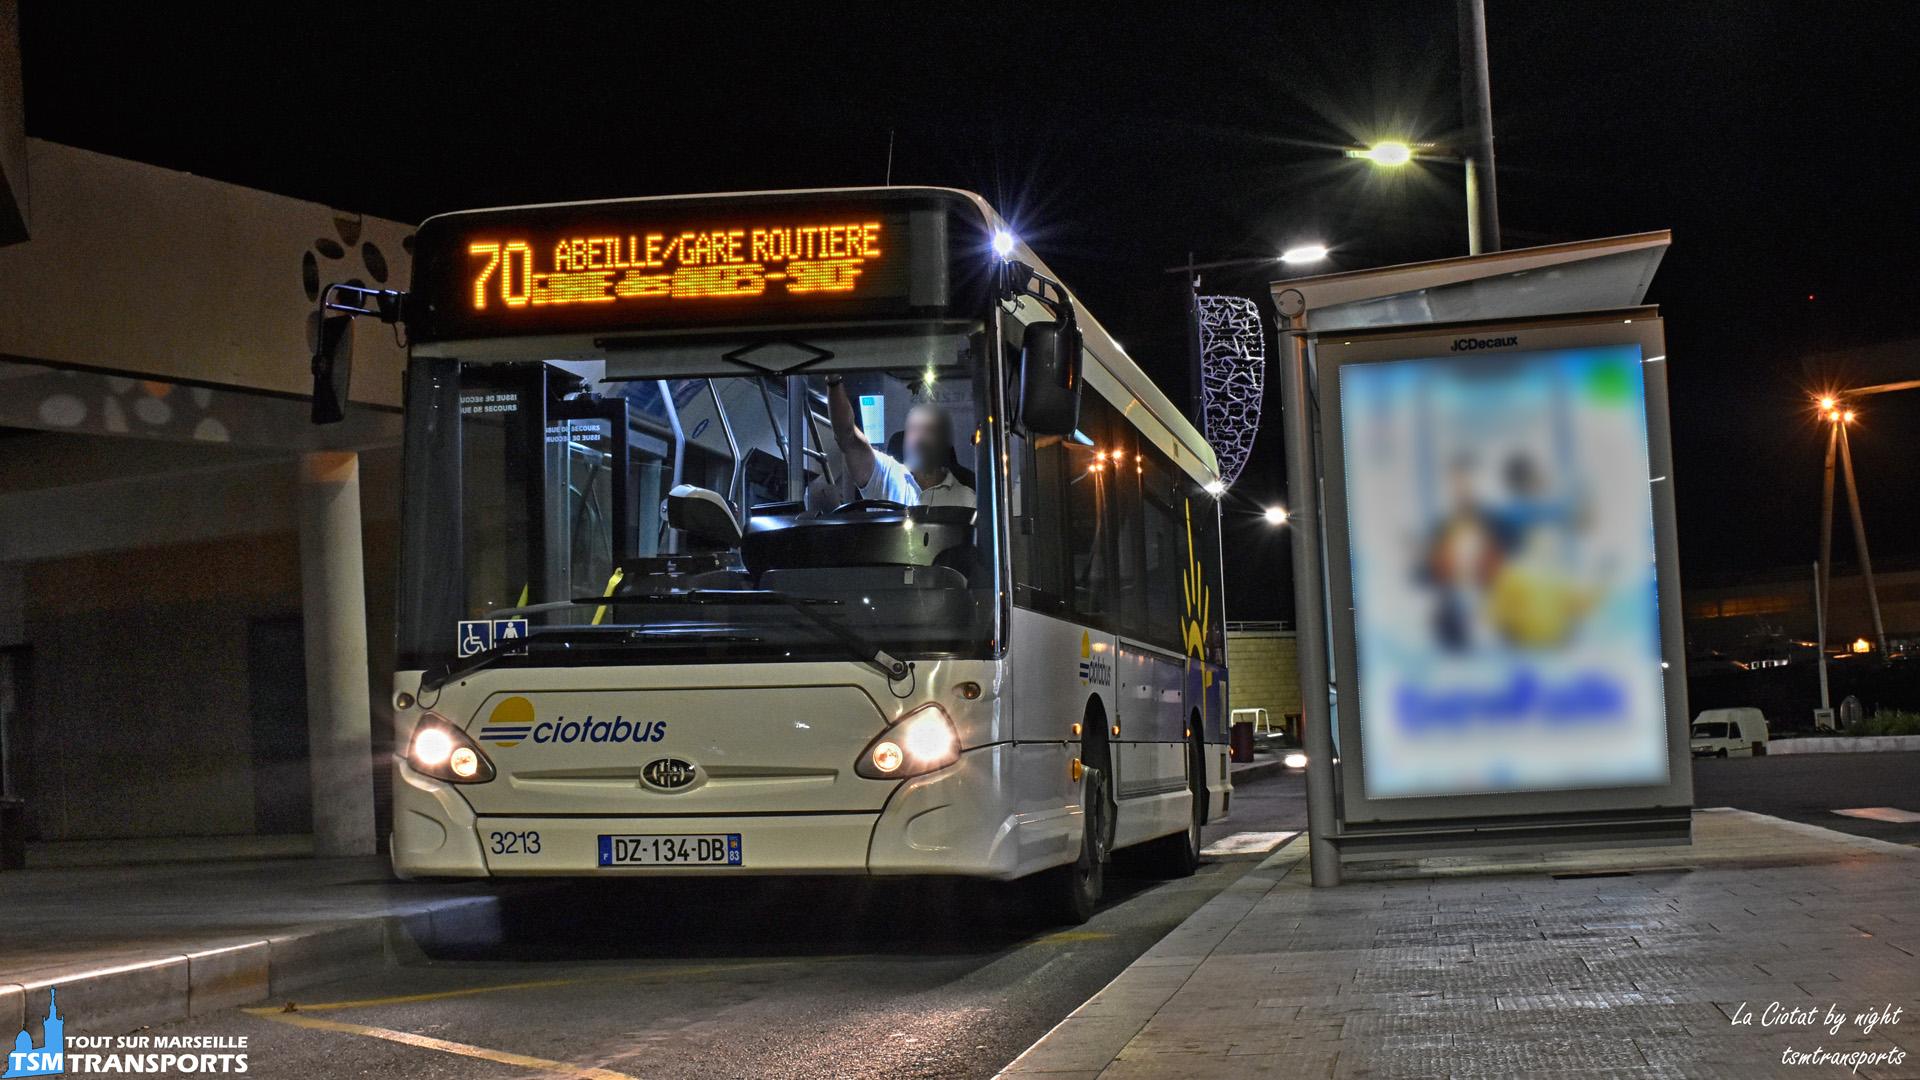 Passage rapide de cet Heuliez Bus GX137 à la Gare routière de La Ciotat en ce début de soirée, celui-ci est en service sur la ligne dominicale 70, qui fonctionne seulement les dimanches et jours fériés après midi jusqu'à environ 21h. . ℹ️ Heuliez Bus GX137 Ciotabus, RTM Est Métropole n°3213 sur la ligne 70. . 📍 Gare routière de la Ciotat, 13600 La Ciotat. . ↔️ 70 : Abeille - Gare SNCF - Gare routière - Faredeloup. . 📸 Nikon D5600. . 📷 Nikkor 18-55mm. . 📅 11 novembre 2018 à 19:46. . 👨 Sébastien ESPOSITO.